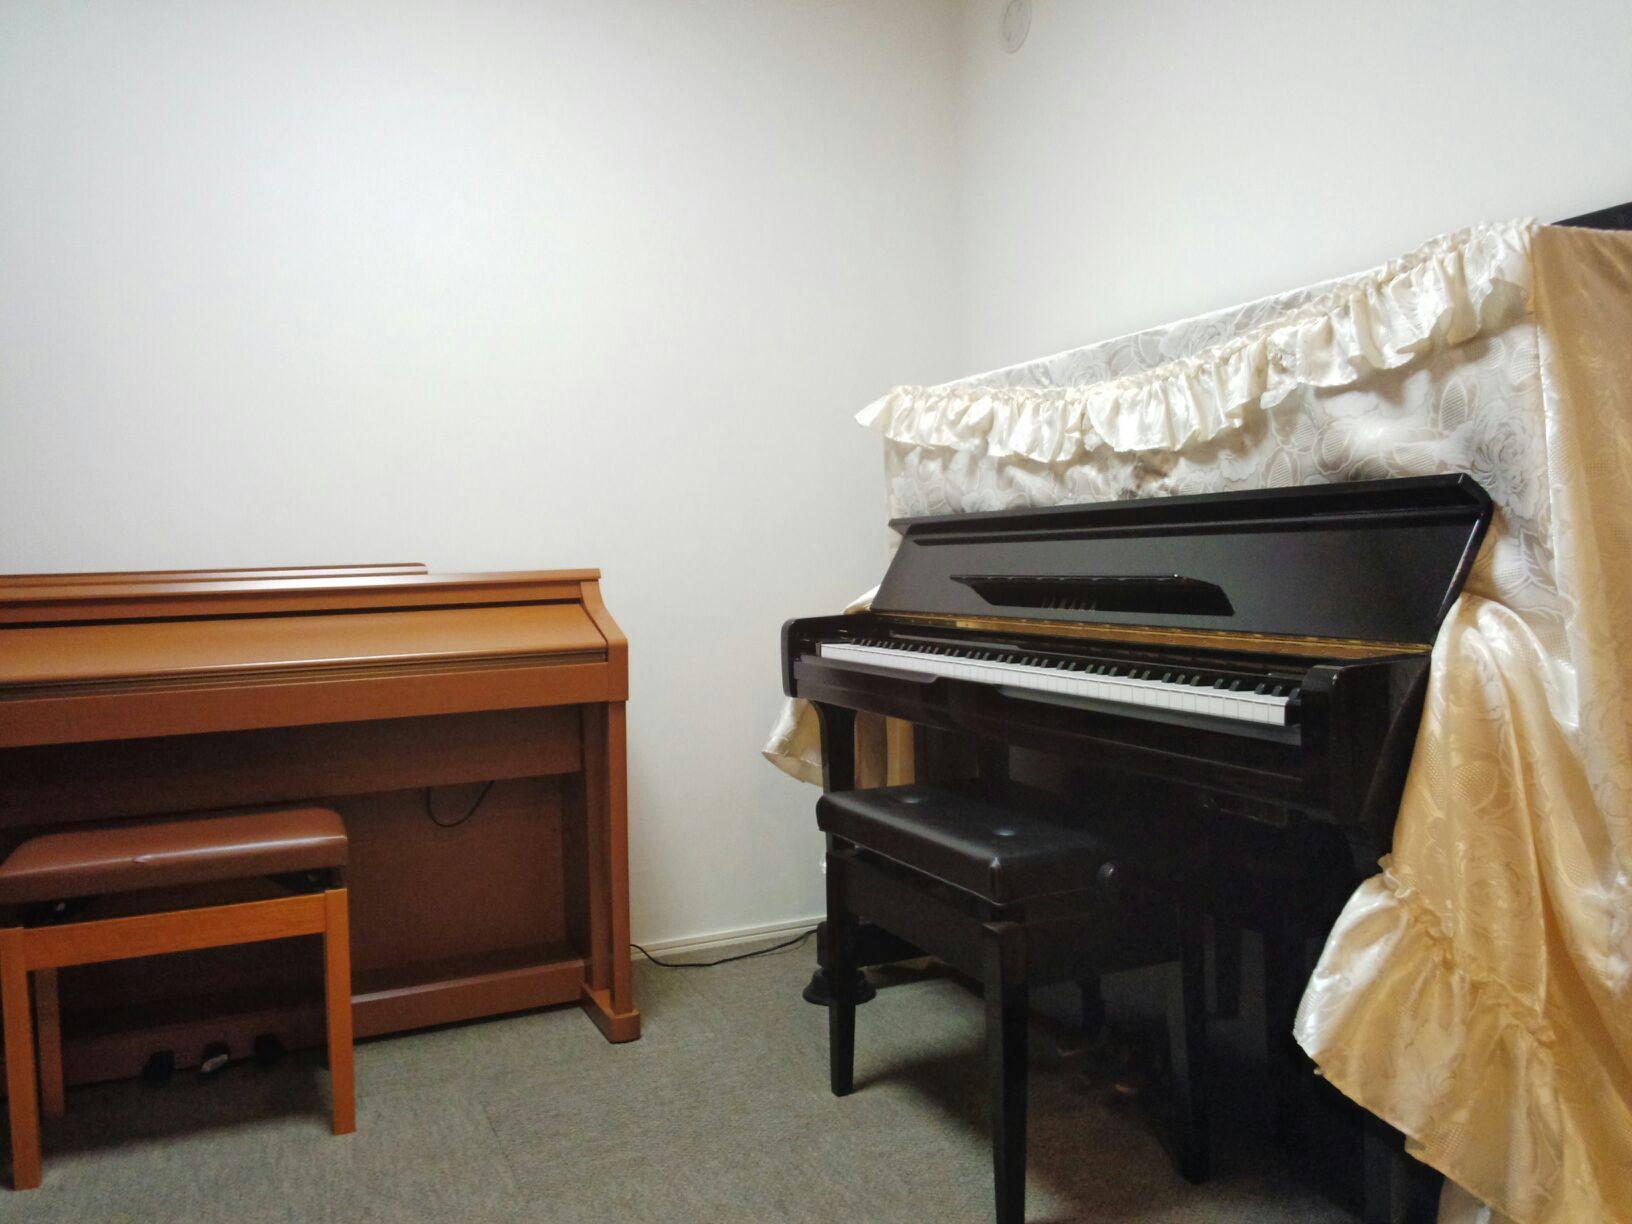 ピアノ部屋1